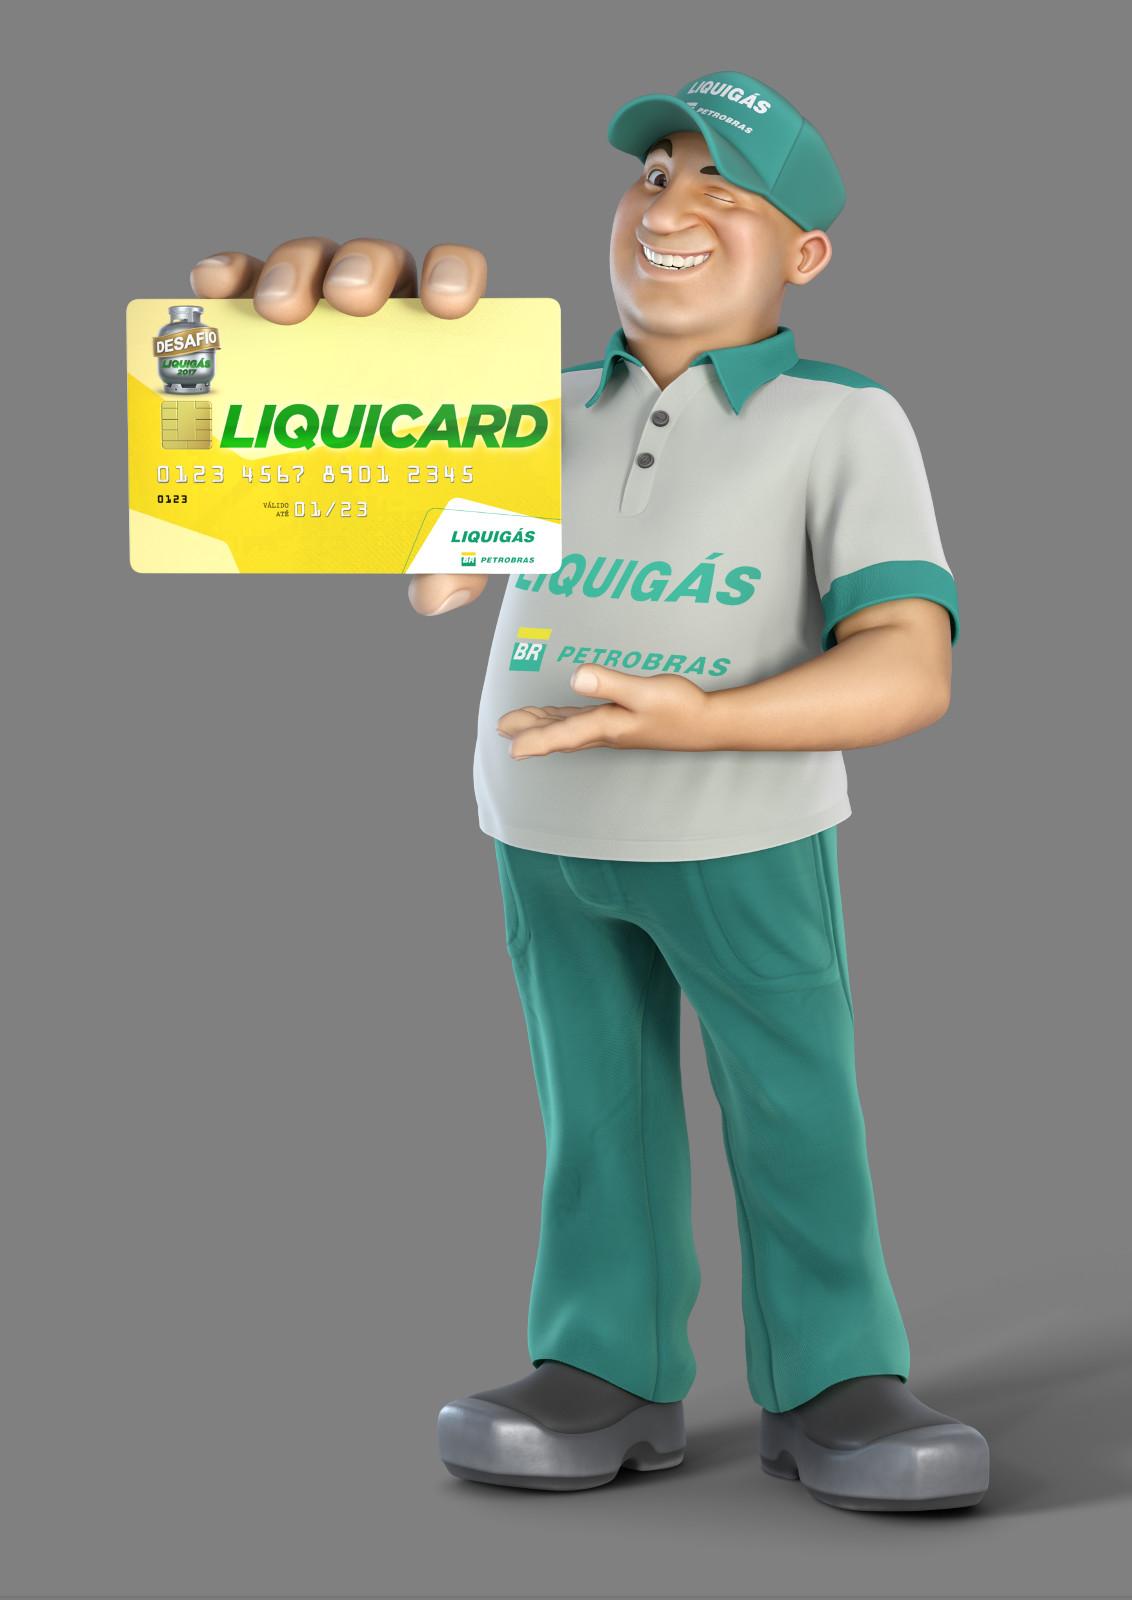 Lucas falcao pose05b 1600